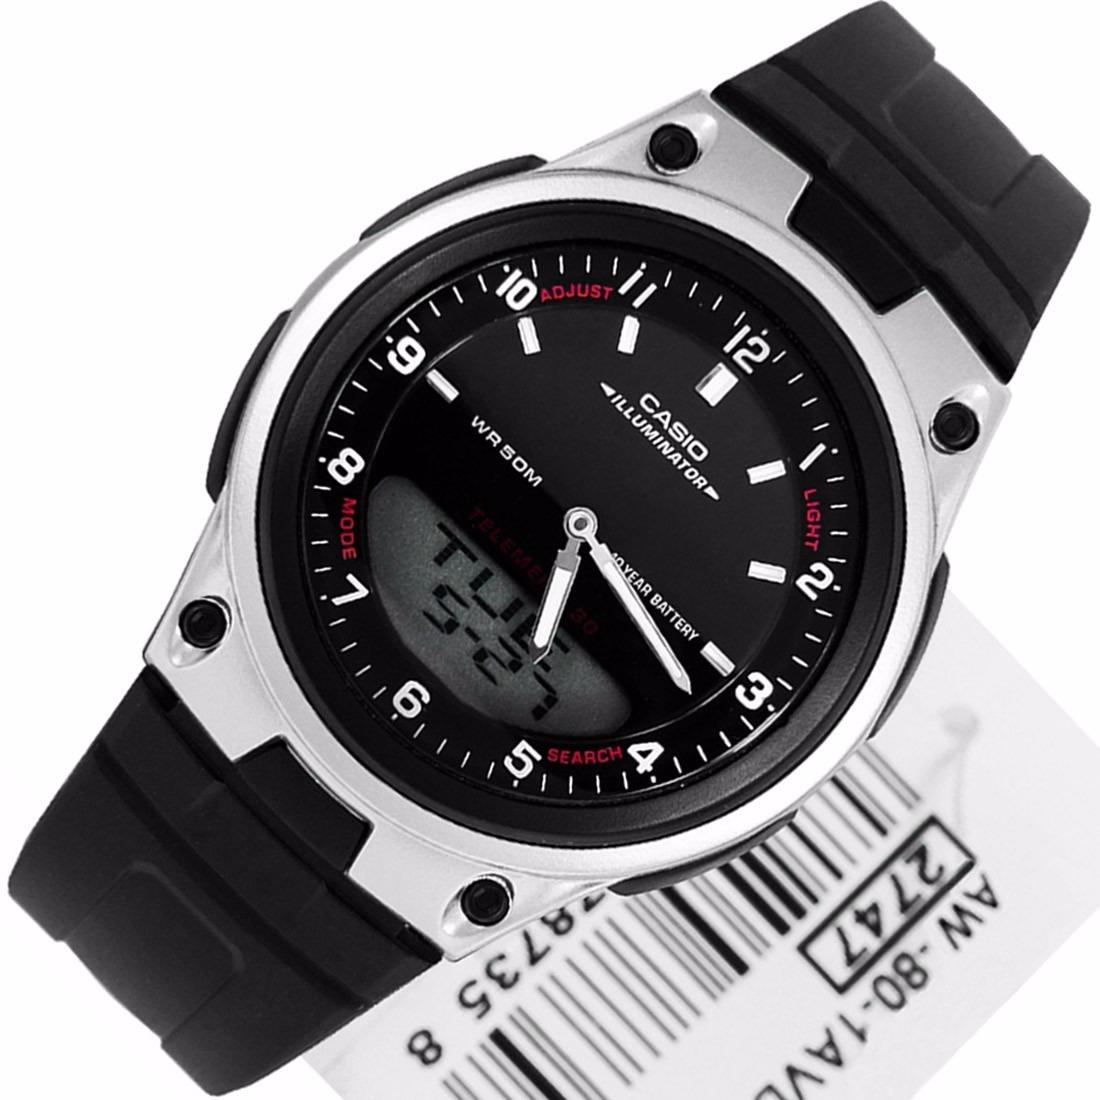 91419a813a4 Relógio Casio Aw-80-1avdf Original Ana-digi Hora Mundial - R  179